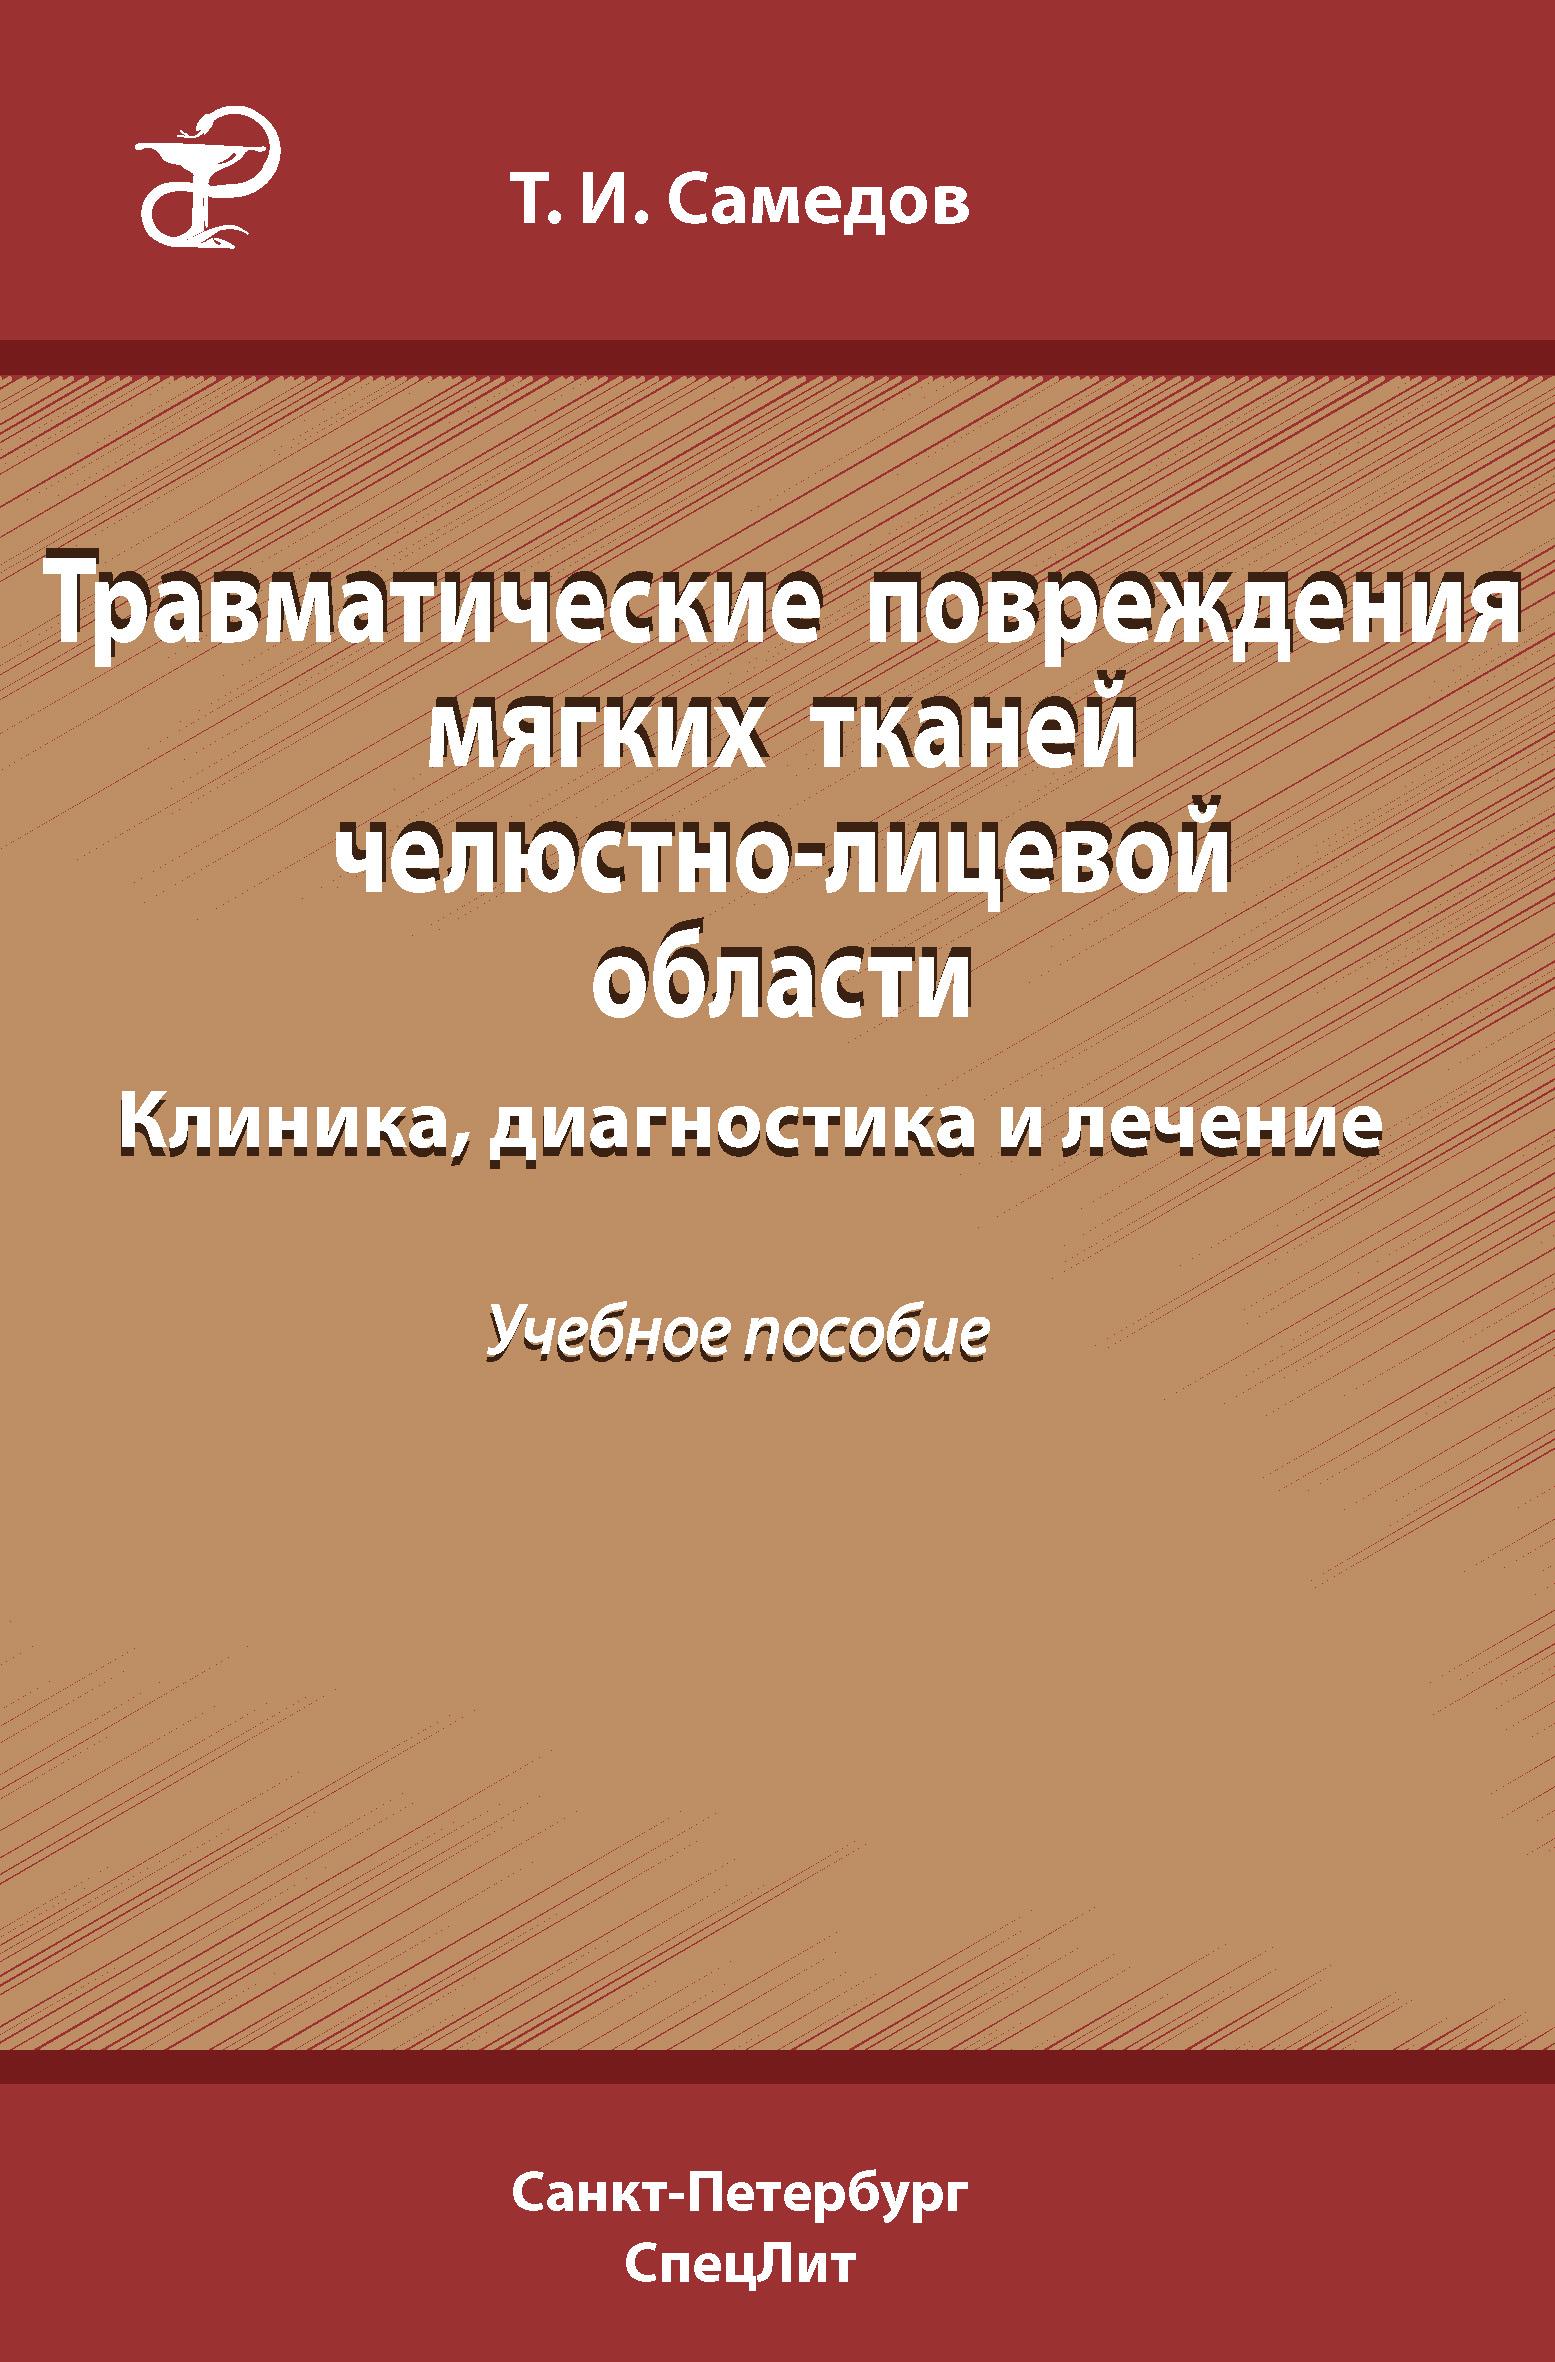 цена на Т. И. Самедов Травматические повреждения мягких тканей челюстно-лицевой области. Клиника, диагностика и лечение